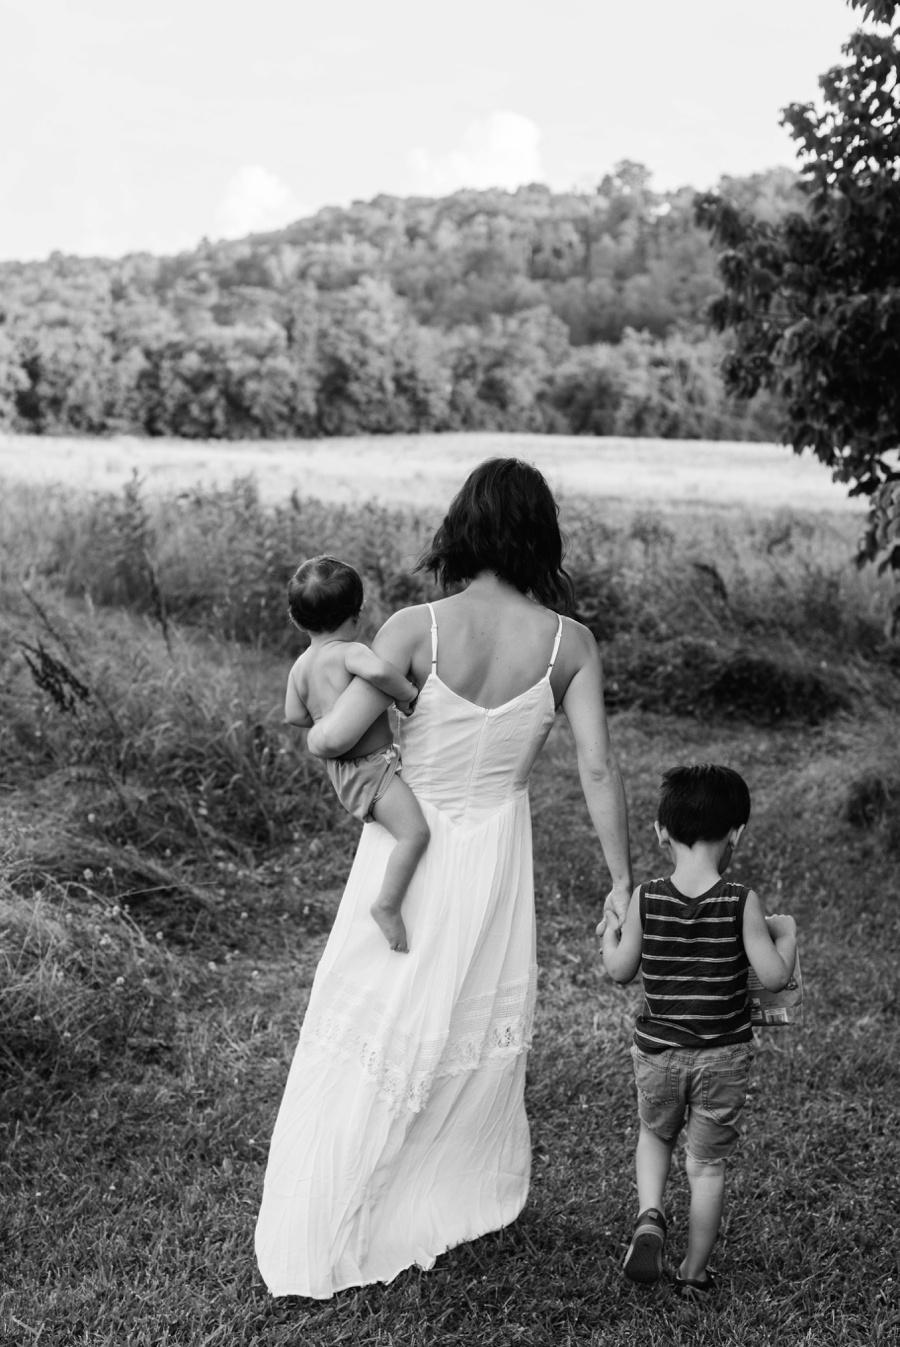 familyphotoscincinnati_nikitagross_0559.jpg